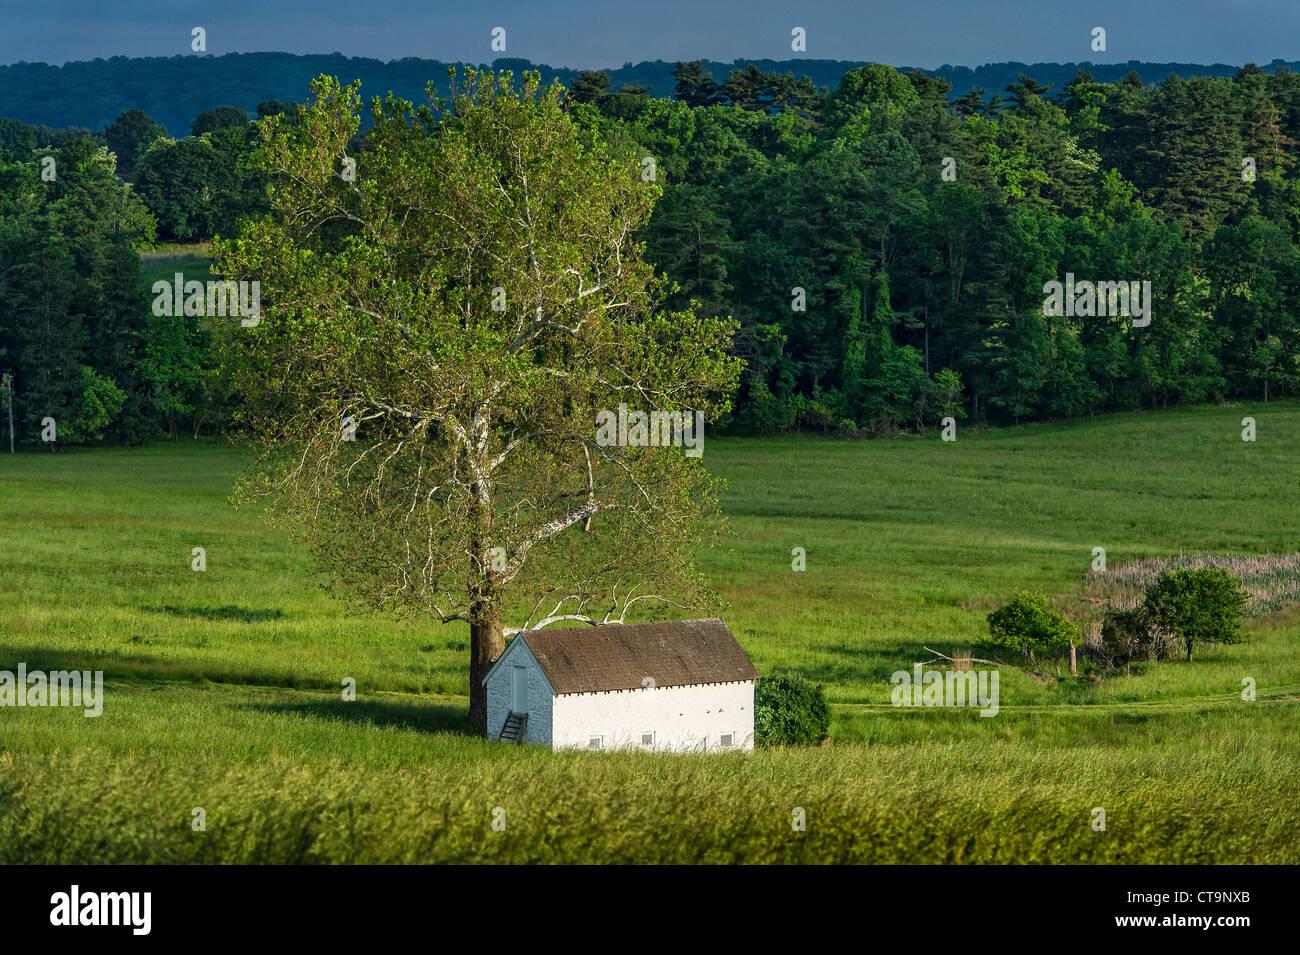 Ländliche Quellenhaus in üppigen pastorale Landschaft, Chester County, Pennsylvania, USA Stockbild